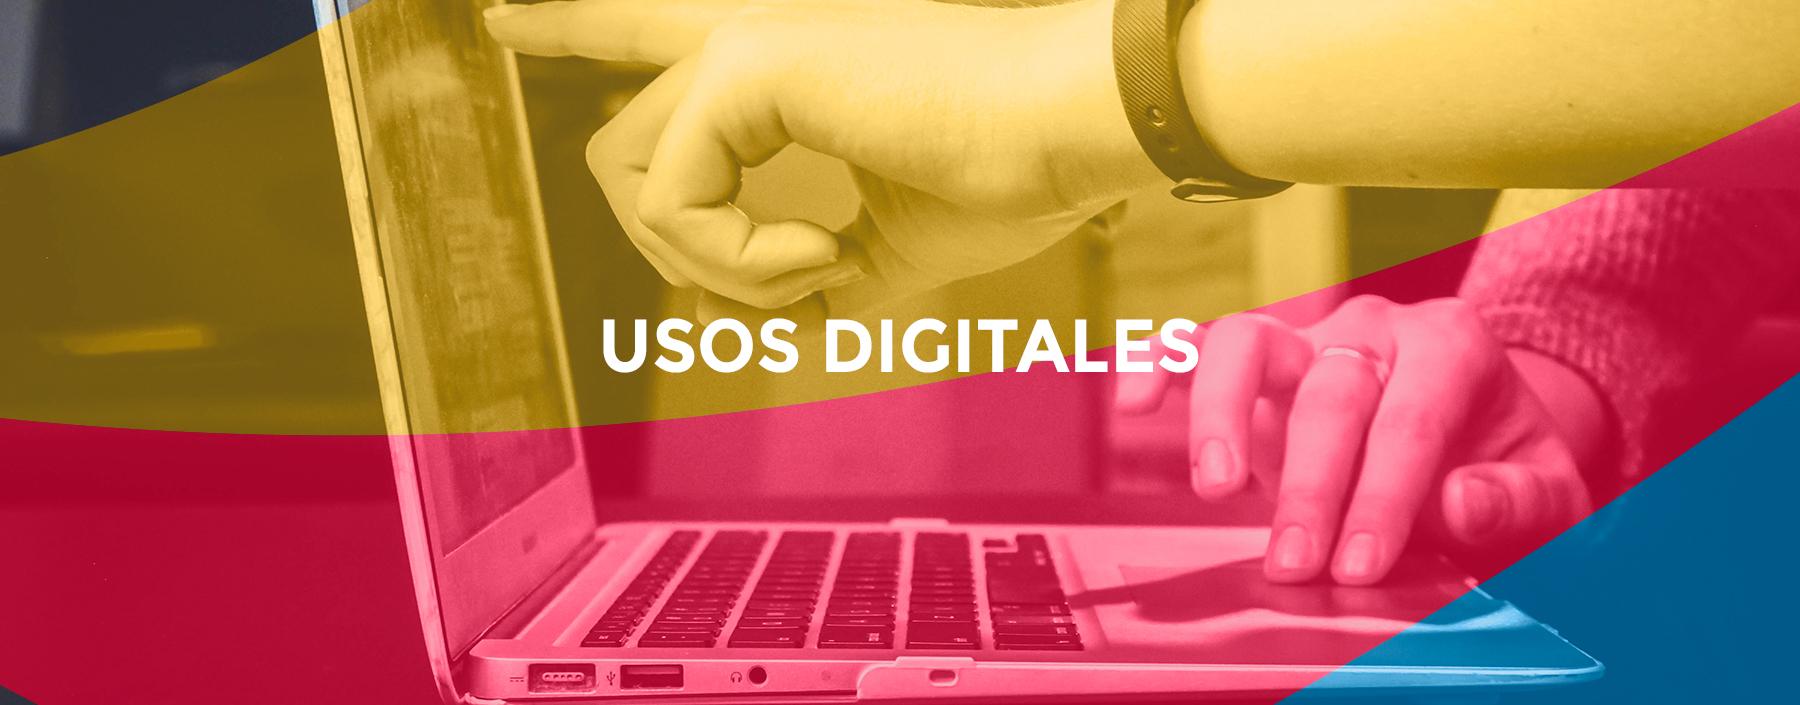 banner-usos-digitales-ES